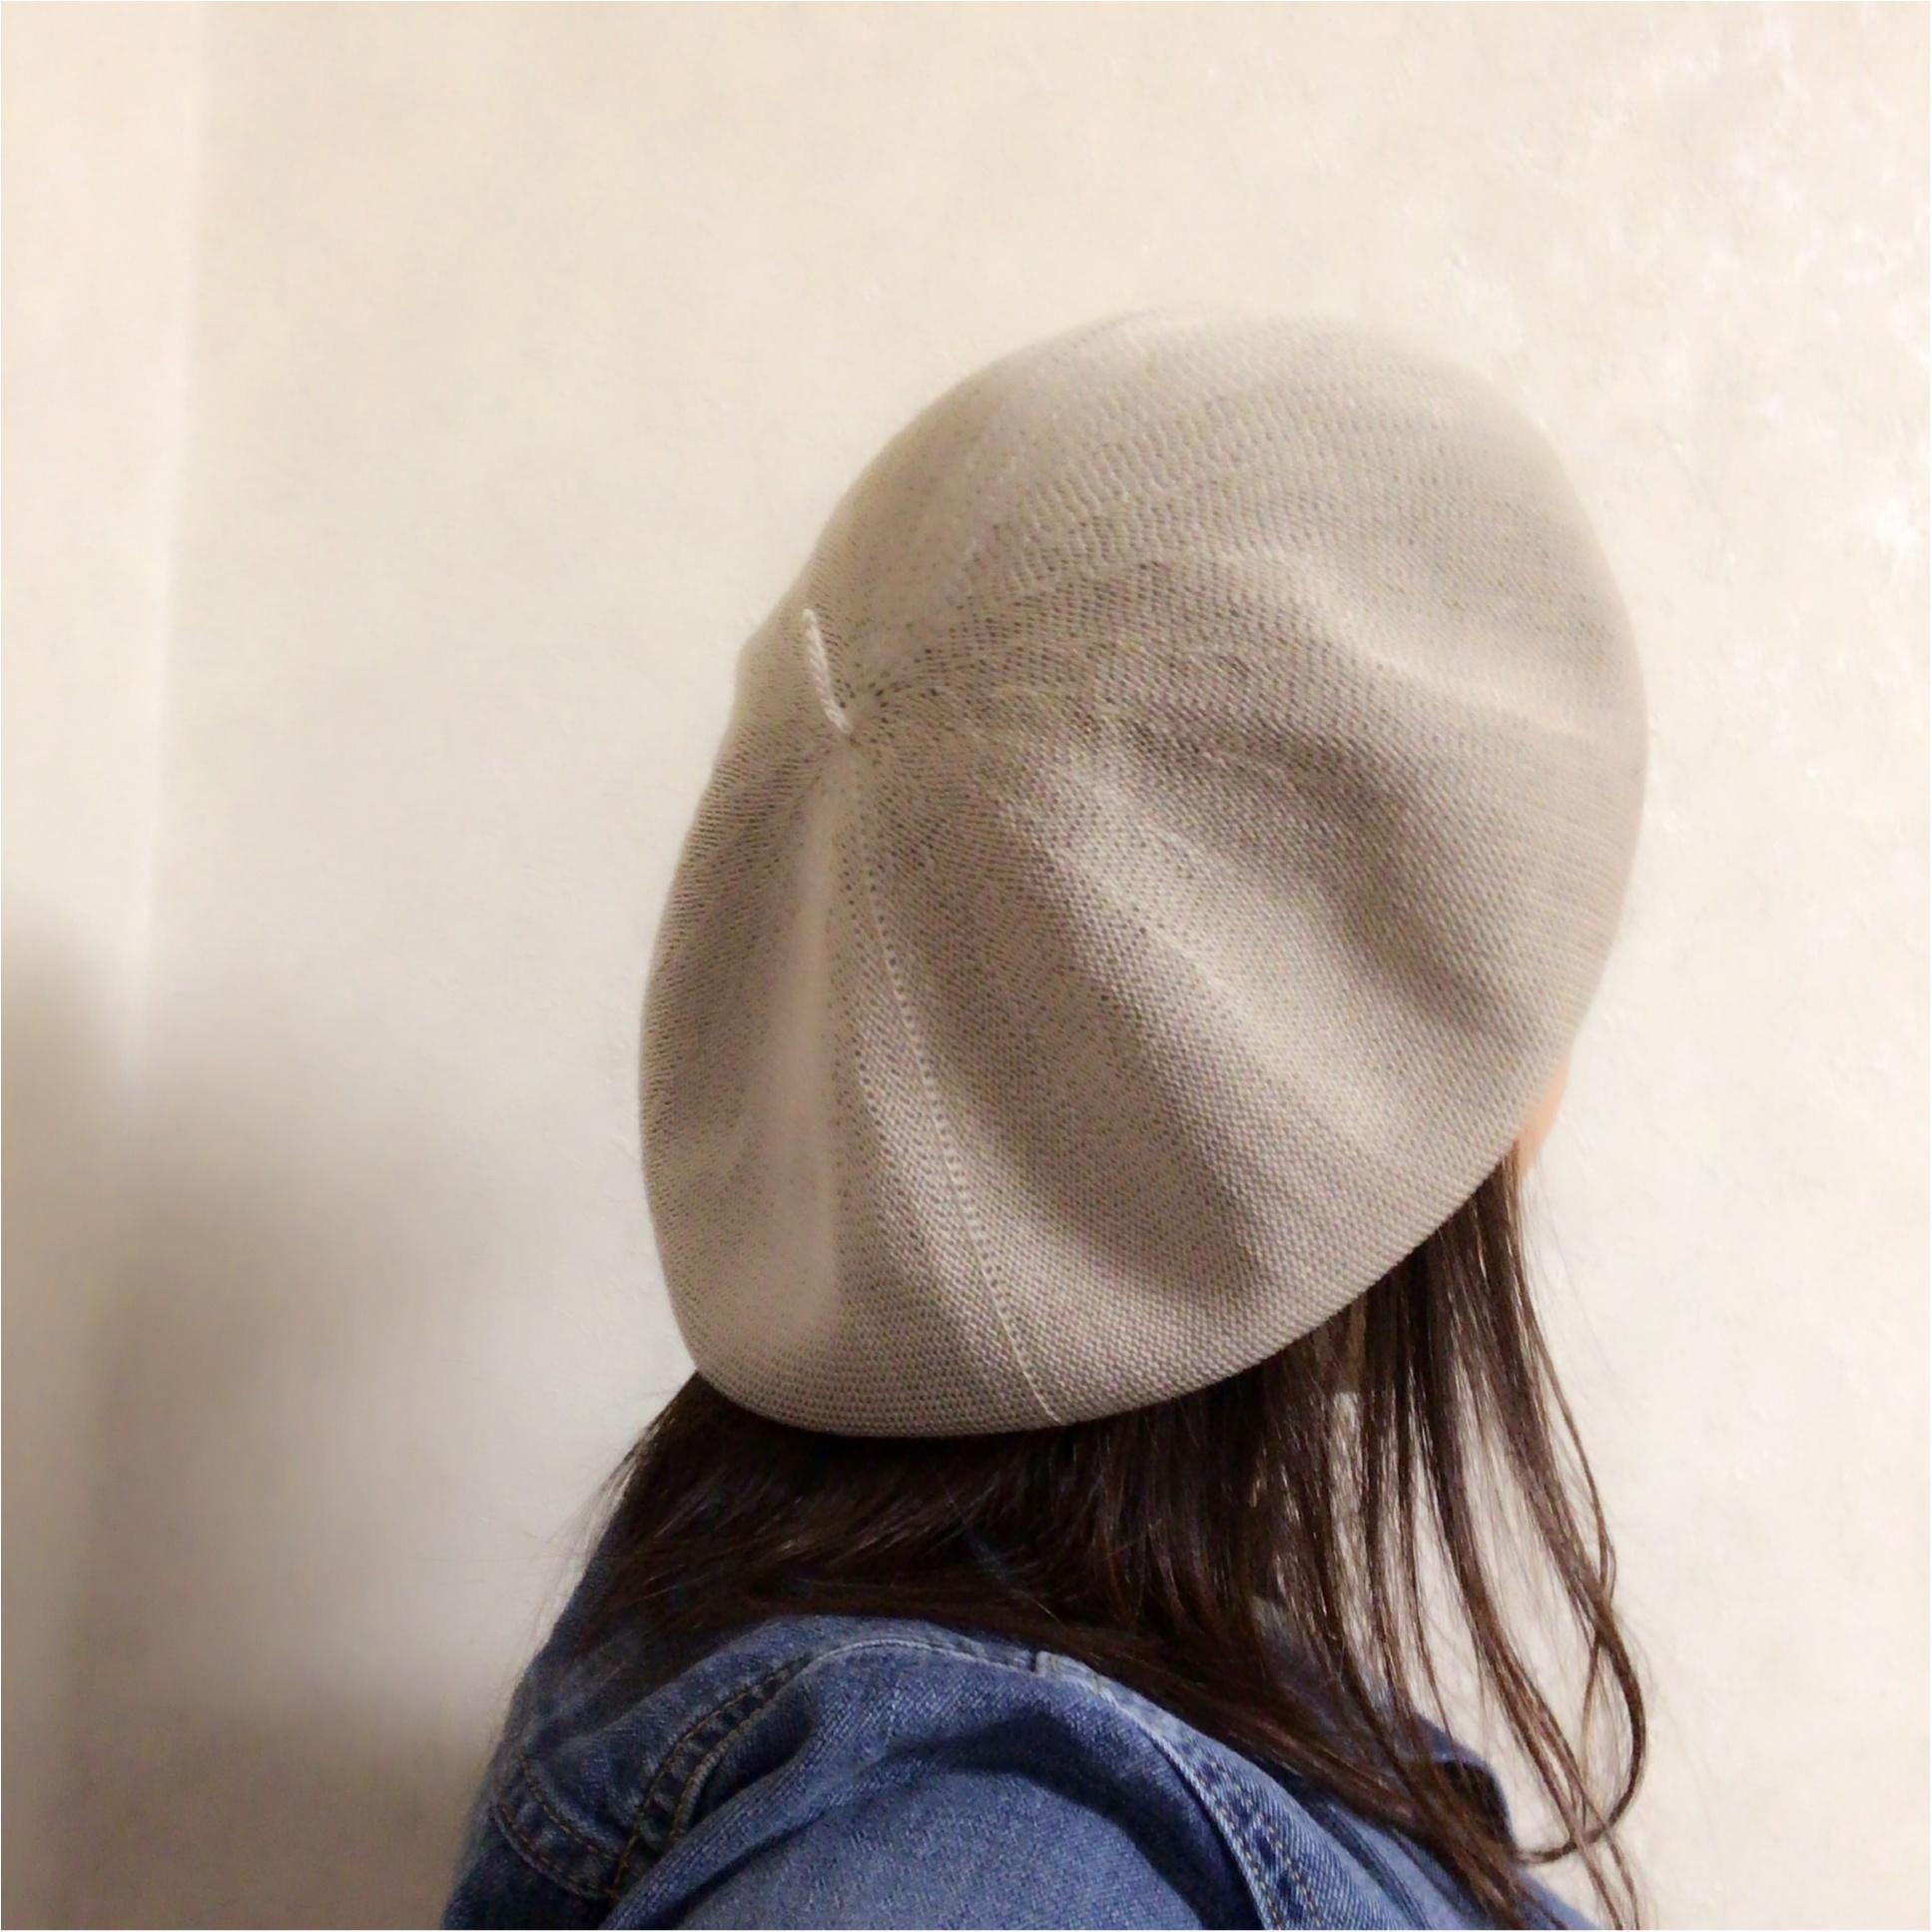 春も【ベレー帽】をかぶりたい♡ 私が選んだのは○○素材!_3